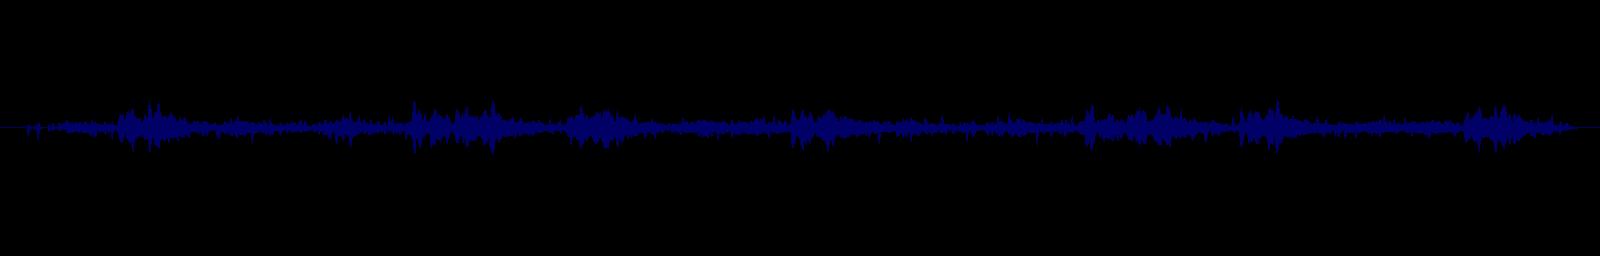 waveform of track #150819